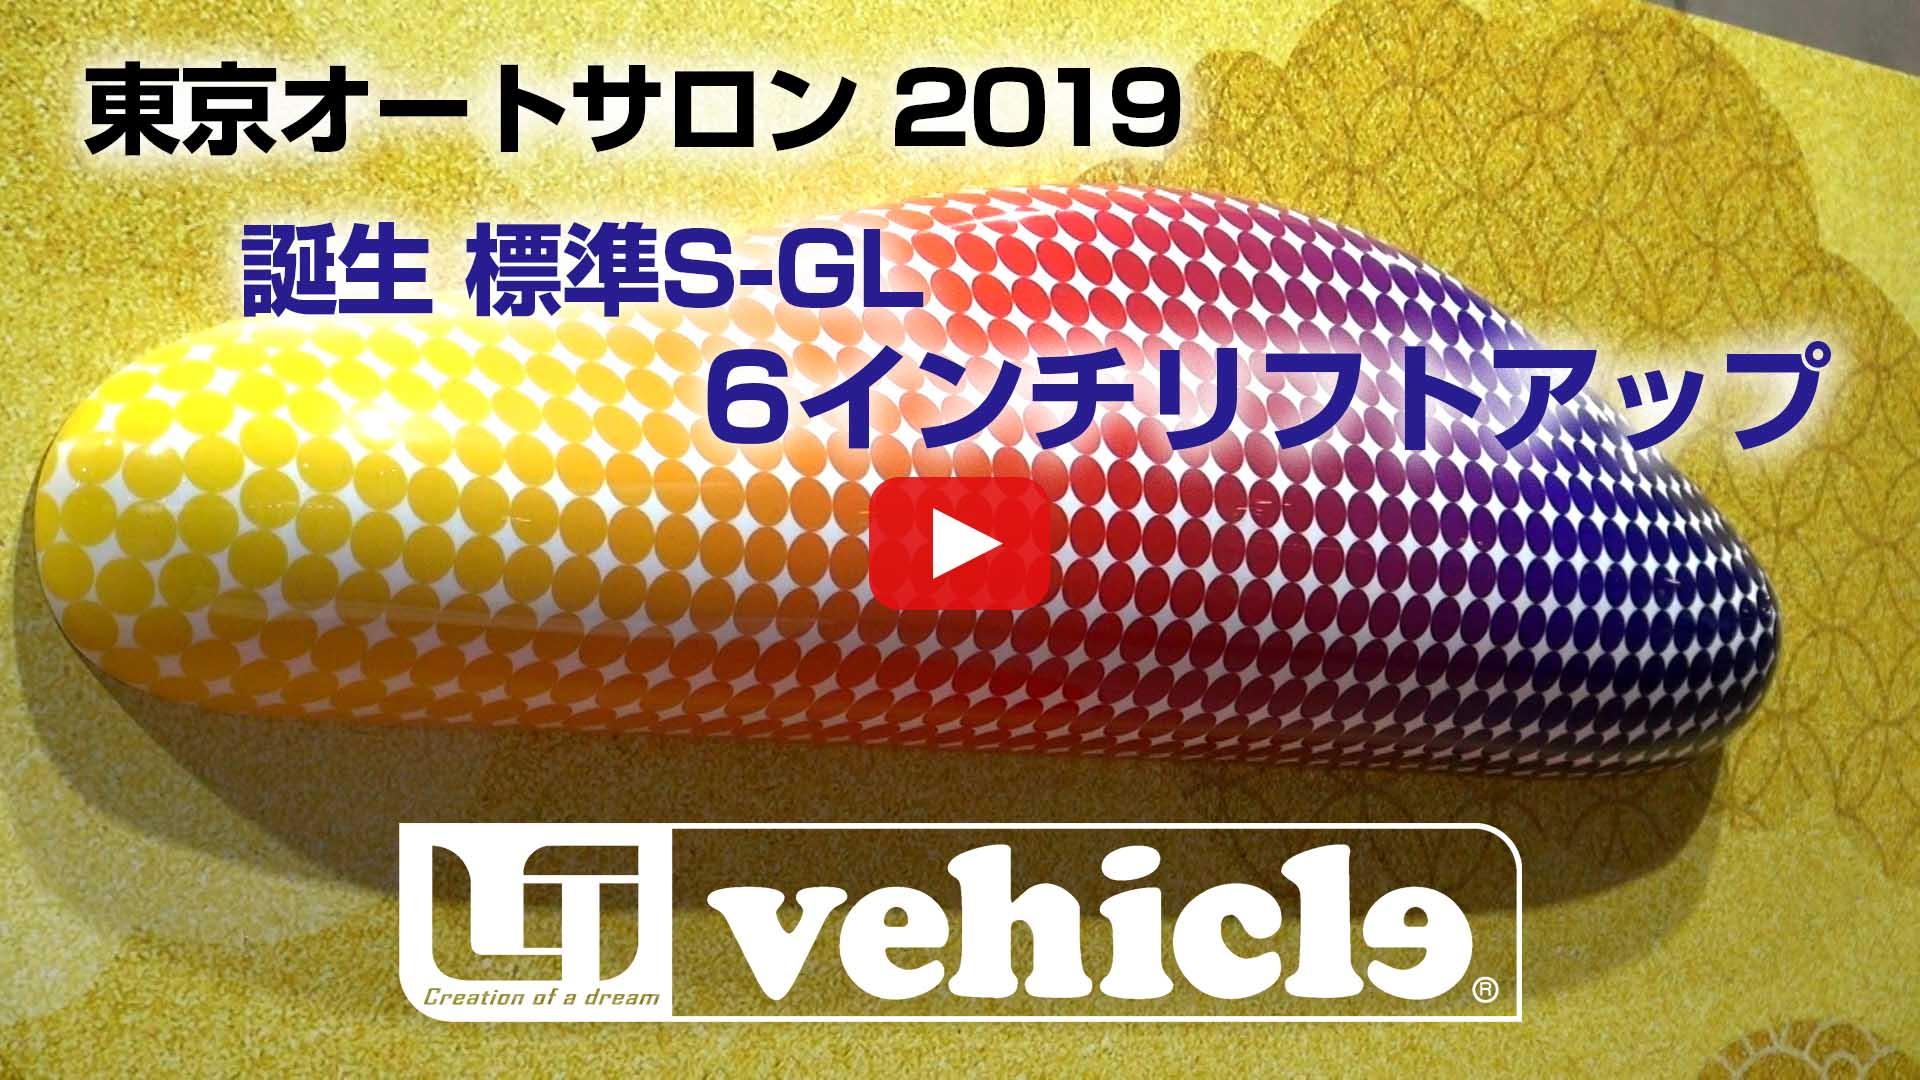 ユーアイビークル 東京オートサロン 2019 出店動画